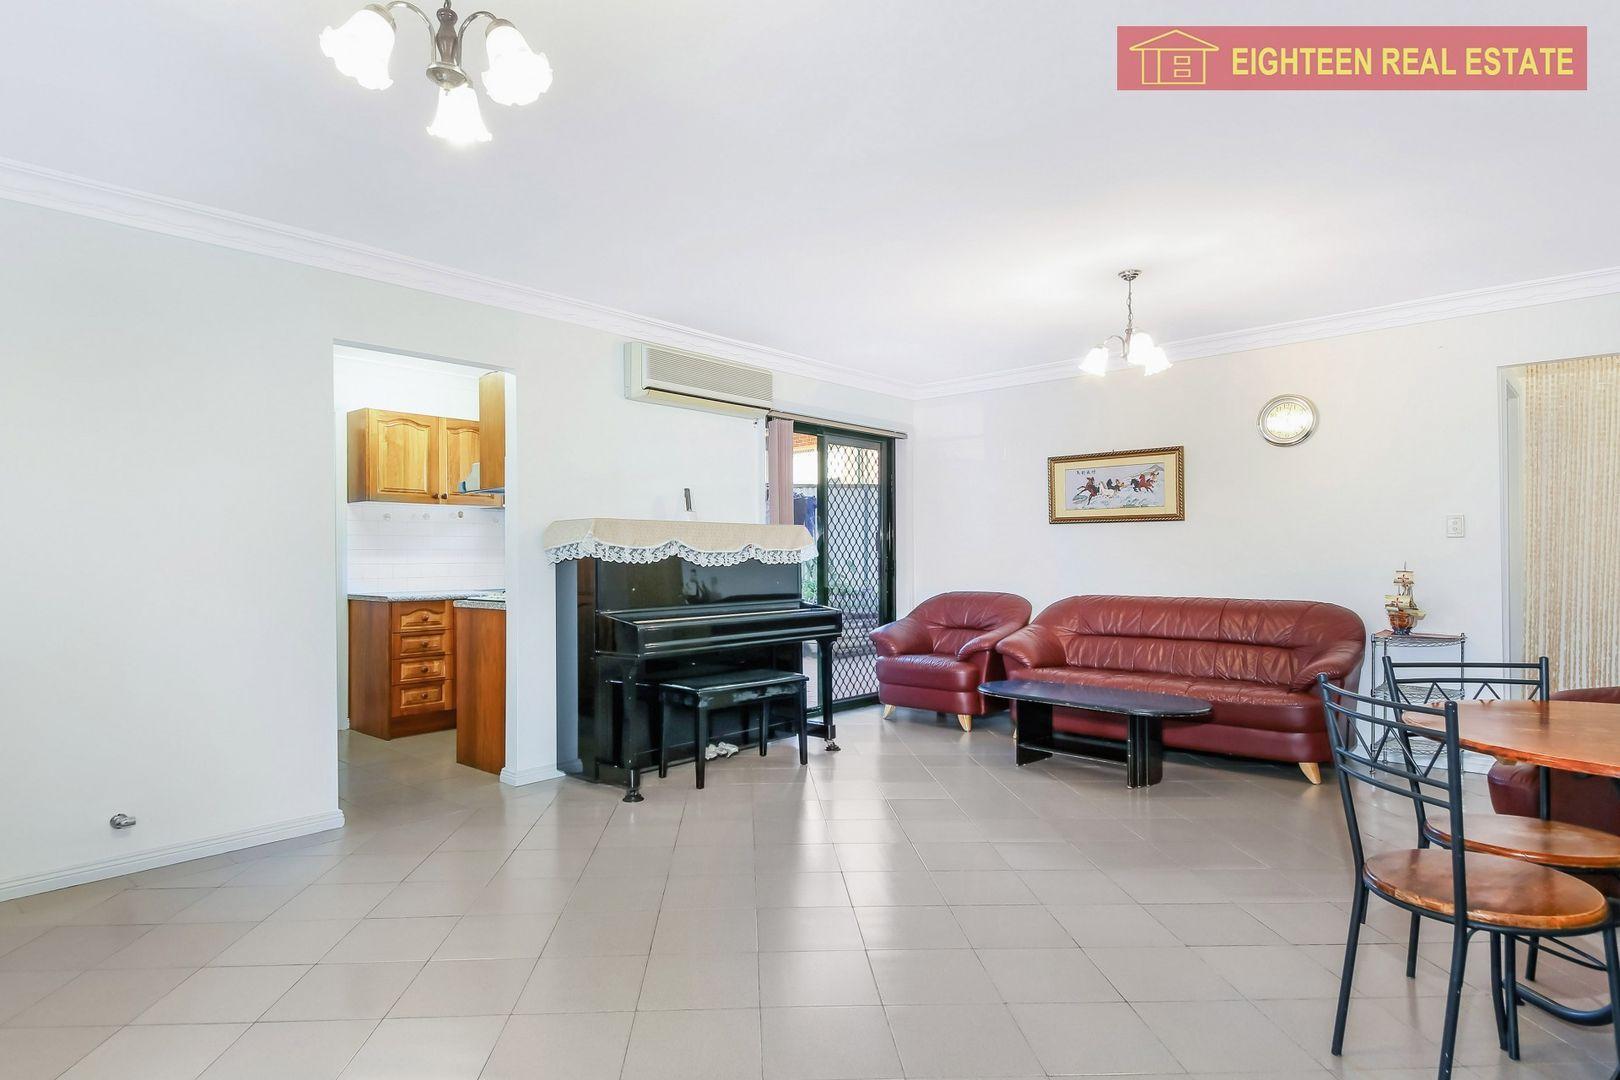 2/86 Sir Joseph Banks St, Bankstown NSW 2200, Image 2